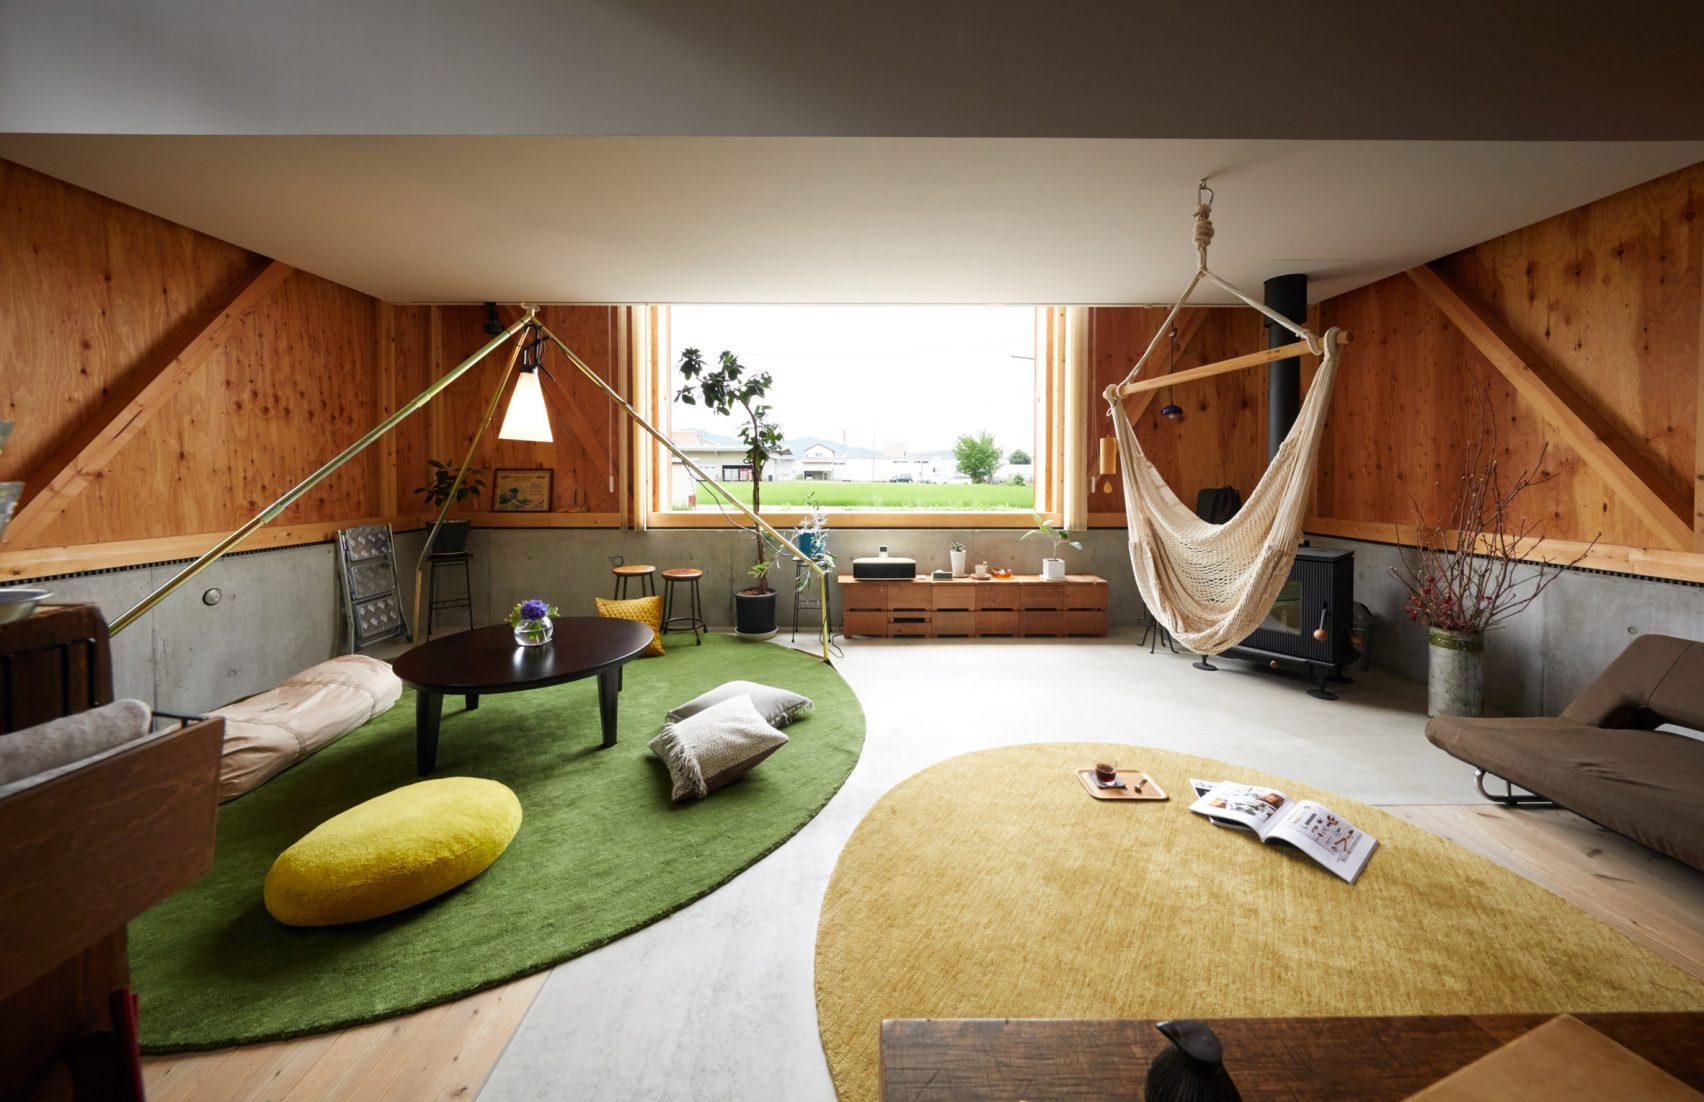 Ngôi nhà hai tầng bình yên với cánh cửa mở rộng đón nắng gió từ đồng lúa xanh tươi - Ảnh 4